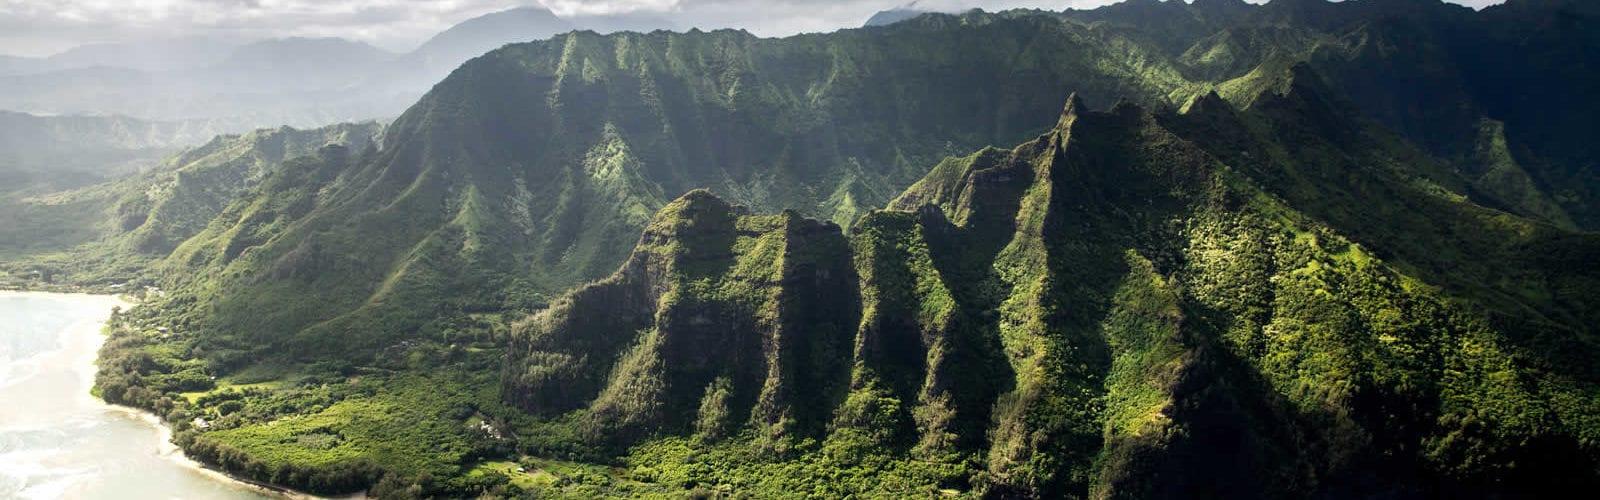 voyage-hawaii-visite-une